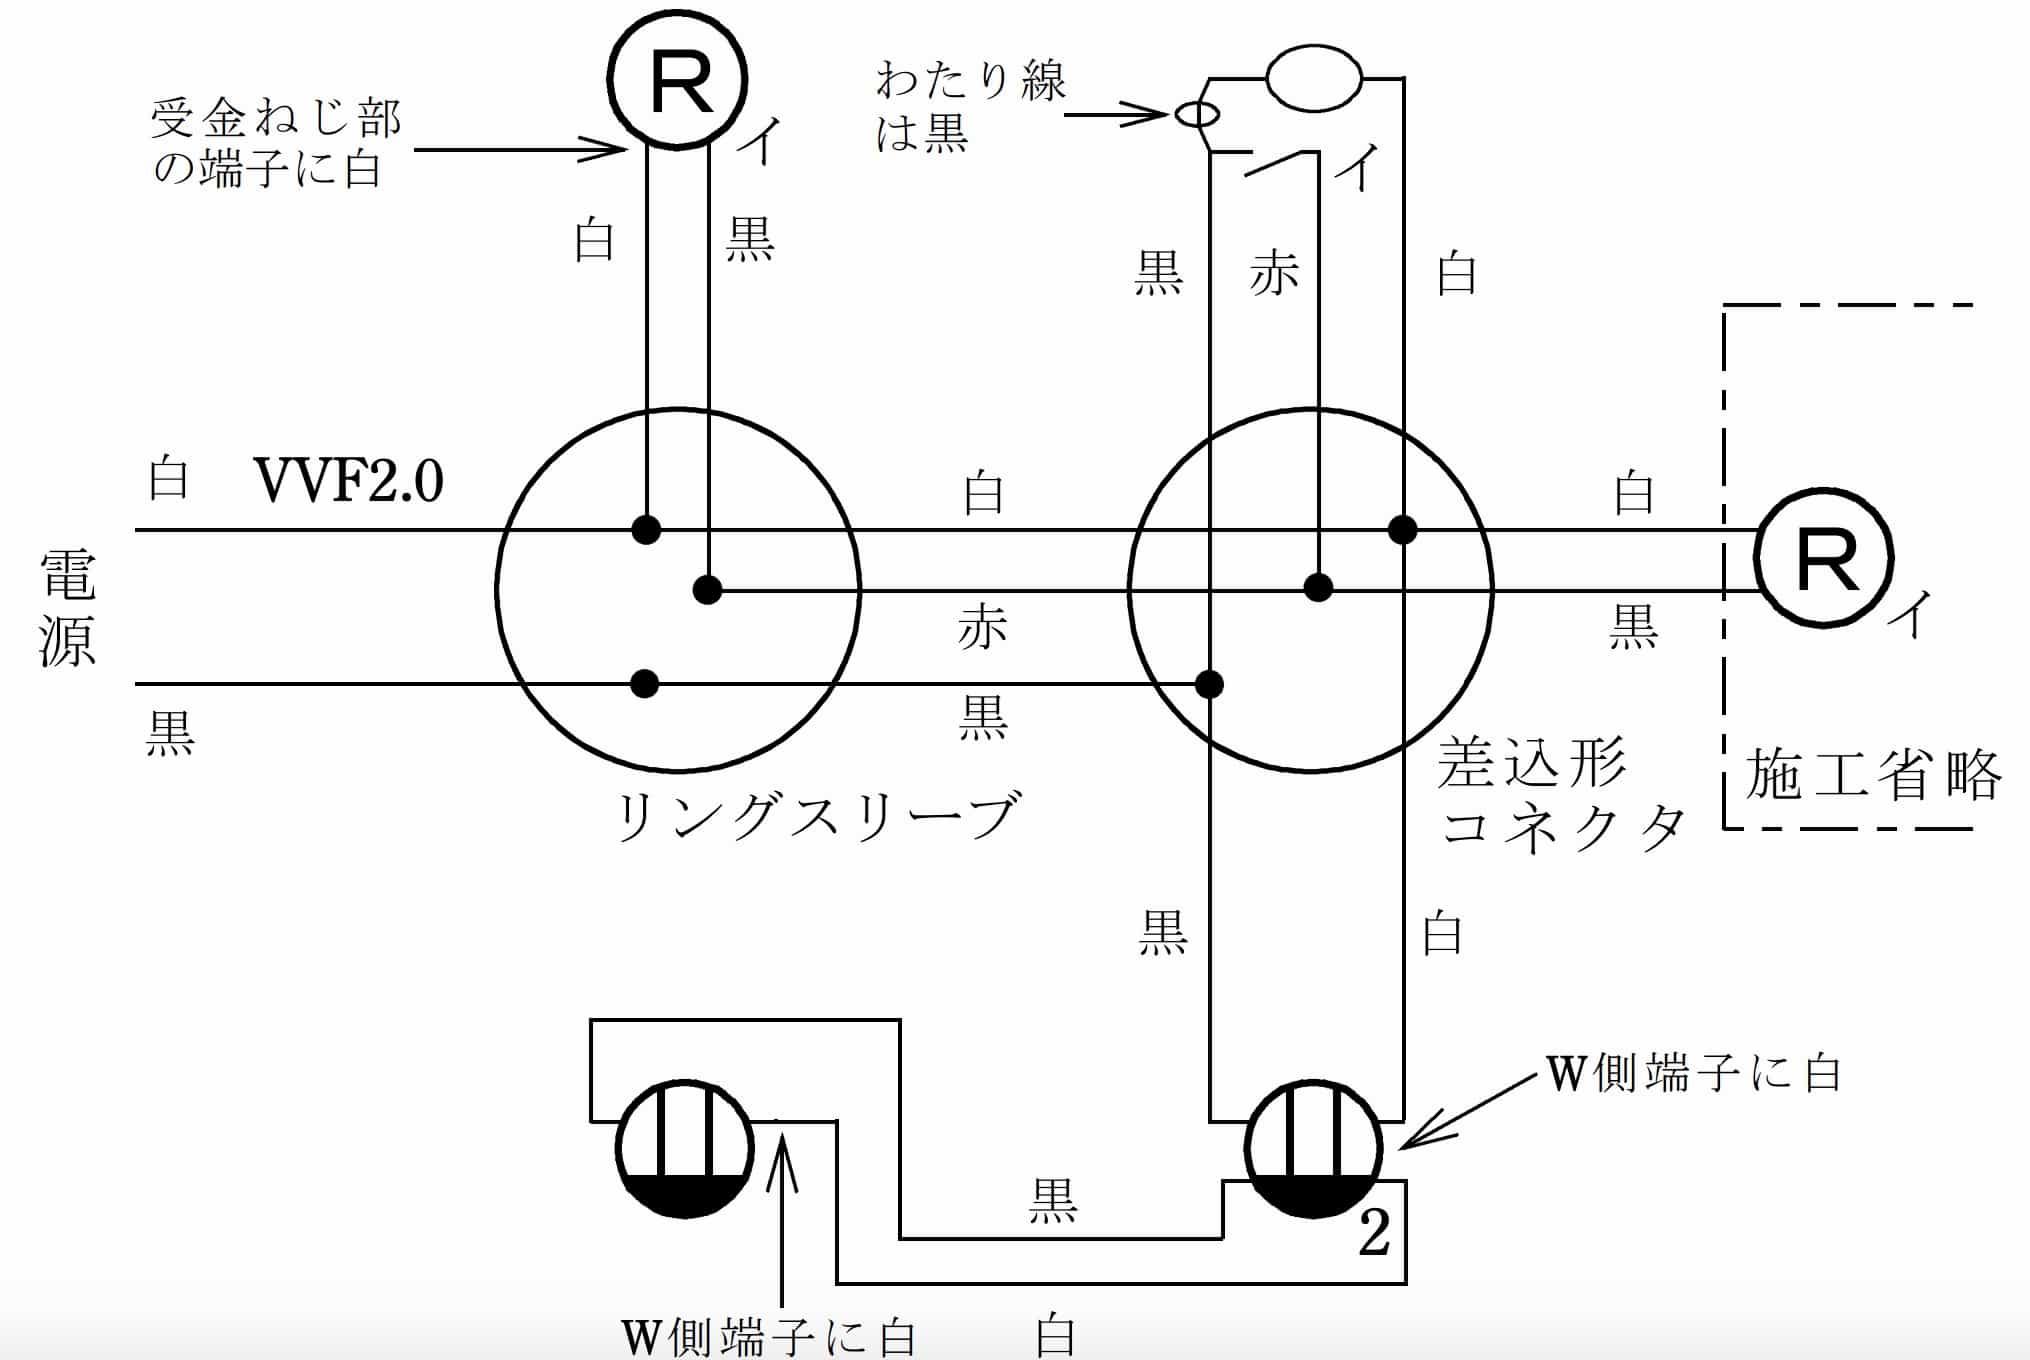 第二種電気工事士の技能試験の試験問題No.2の複線図